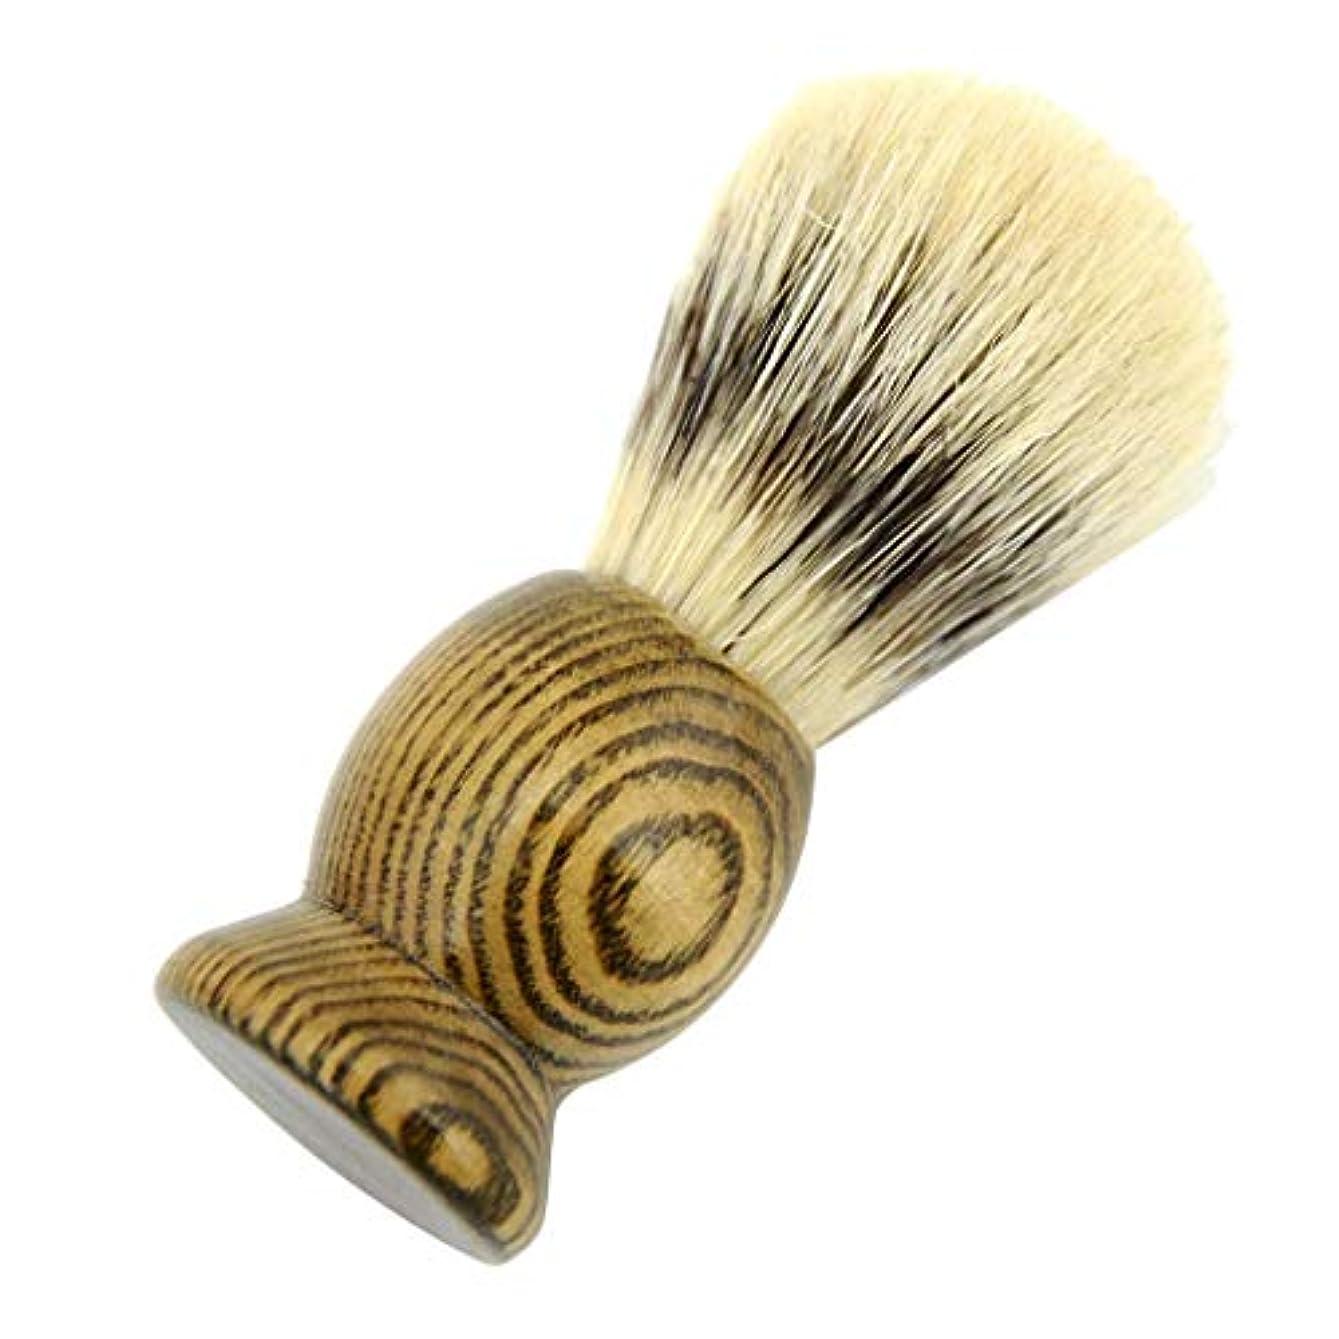 退化する到着する喪ひげブラシ メンズ シェービングブラシ 髭剃り 理容 洗顔 ポータブルひげ剃り美容ツール